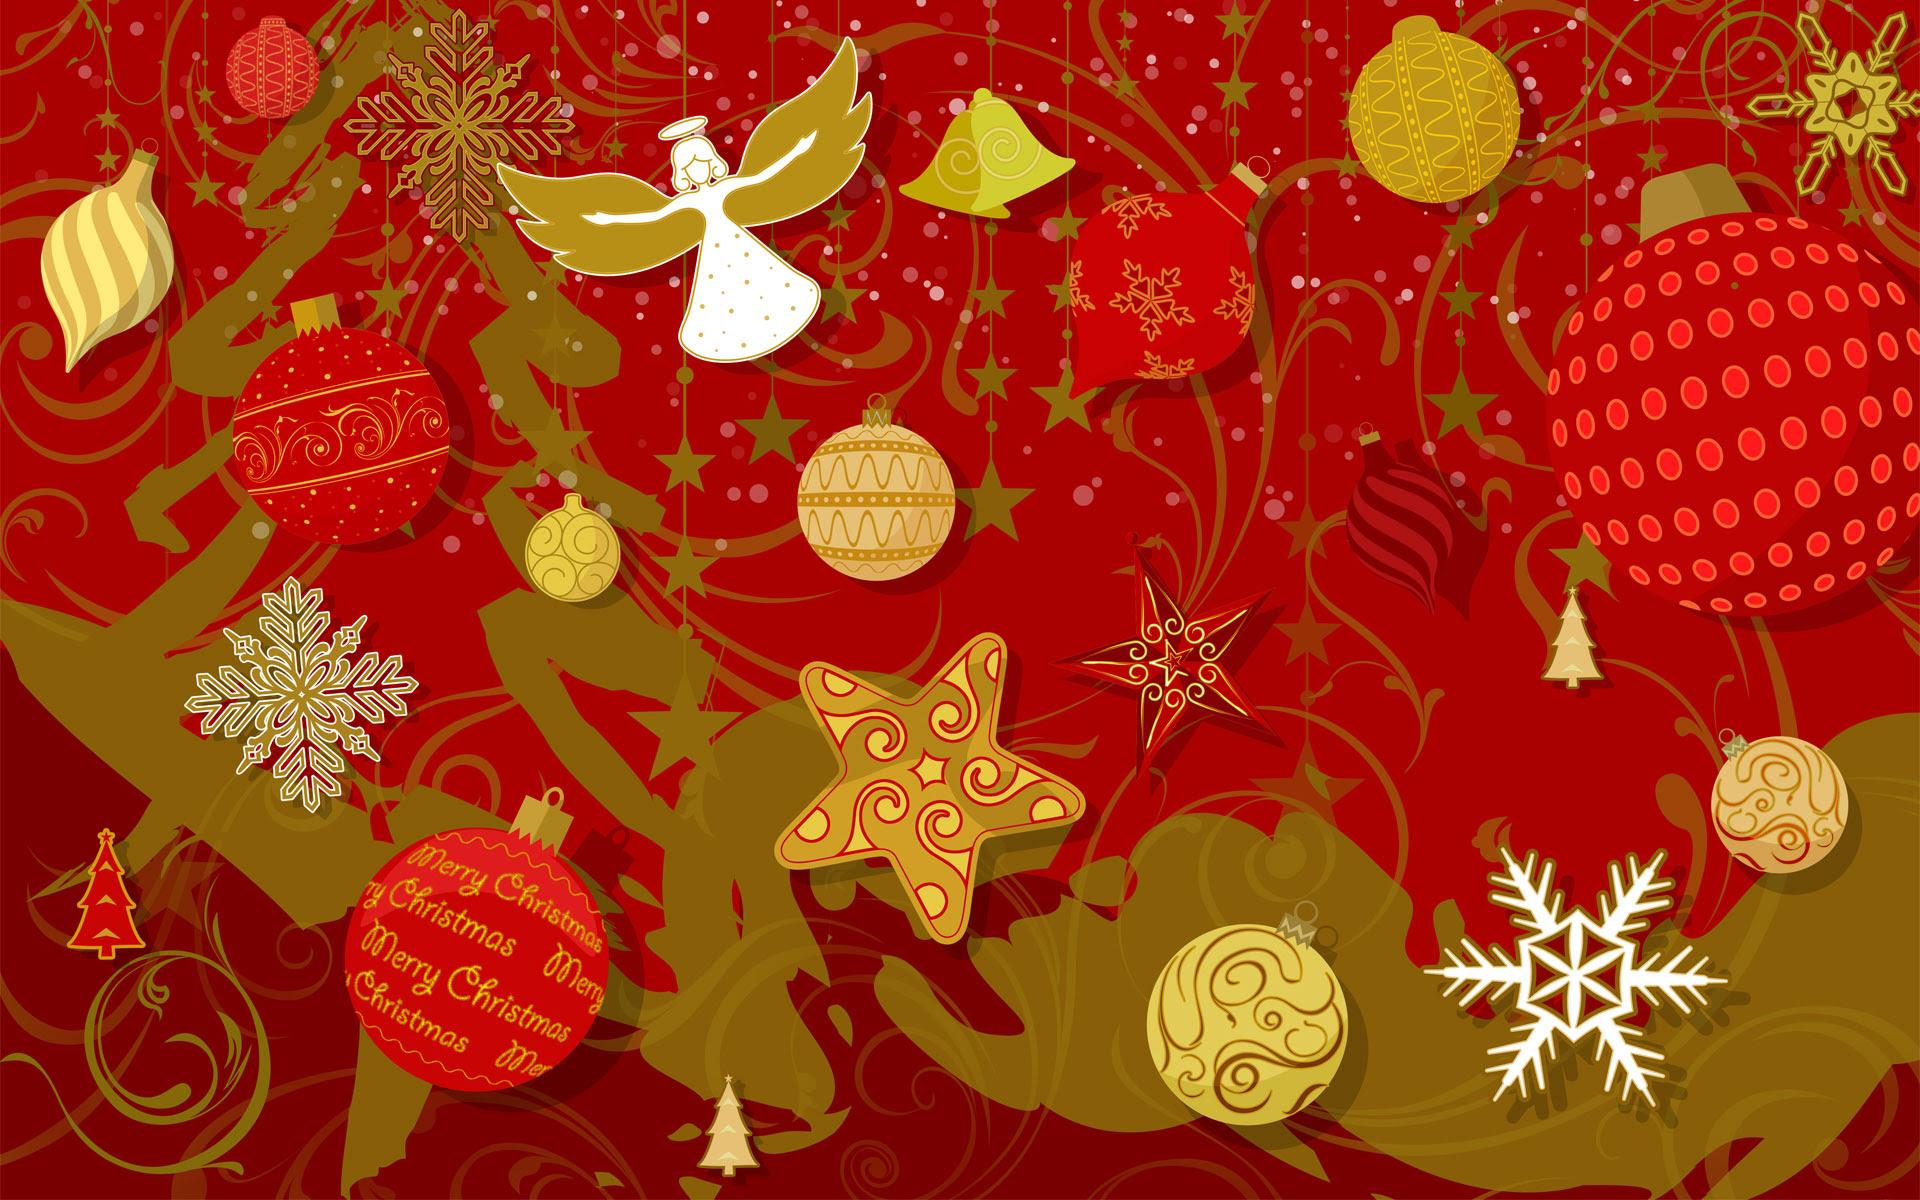 イラスト壁紙 無料ダウンロード クリスマス